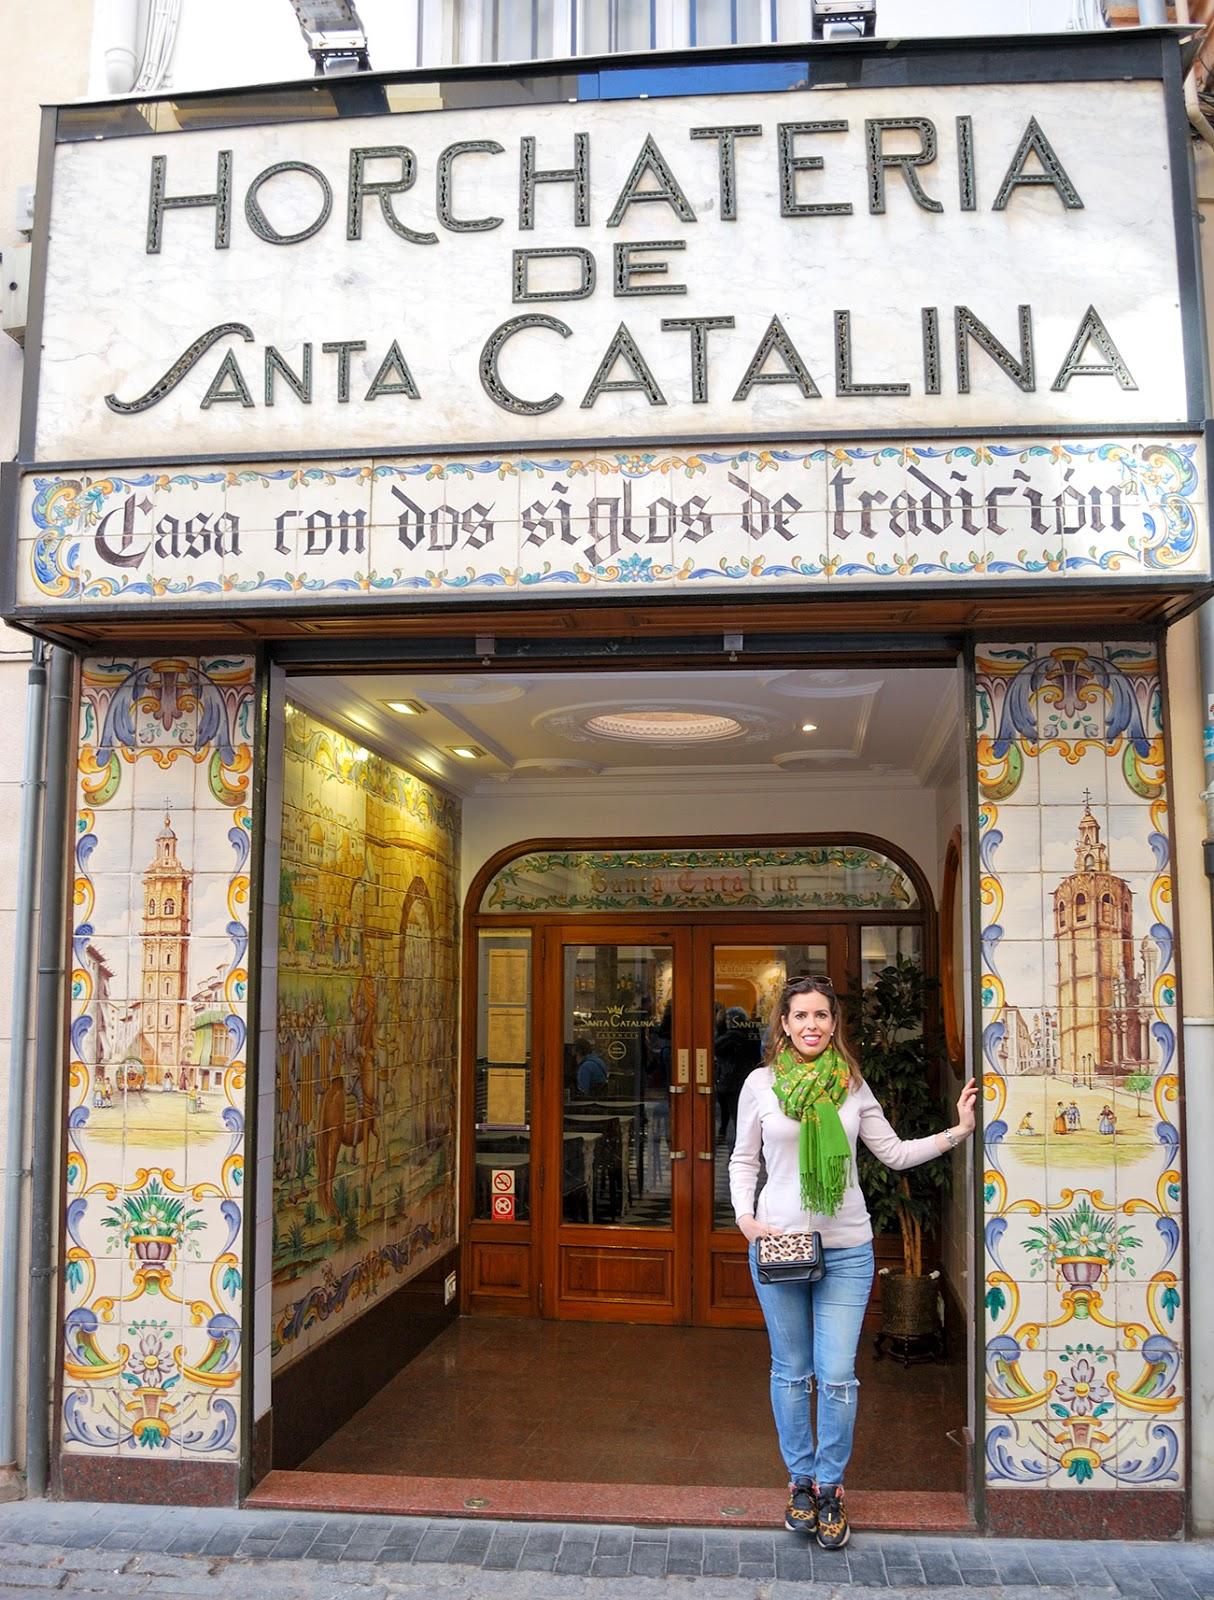 horchateria santa catalina horchata valencia